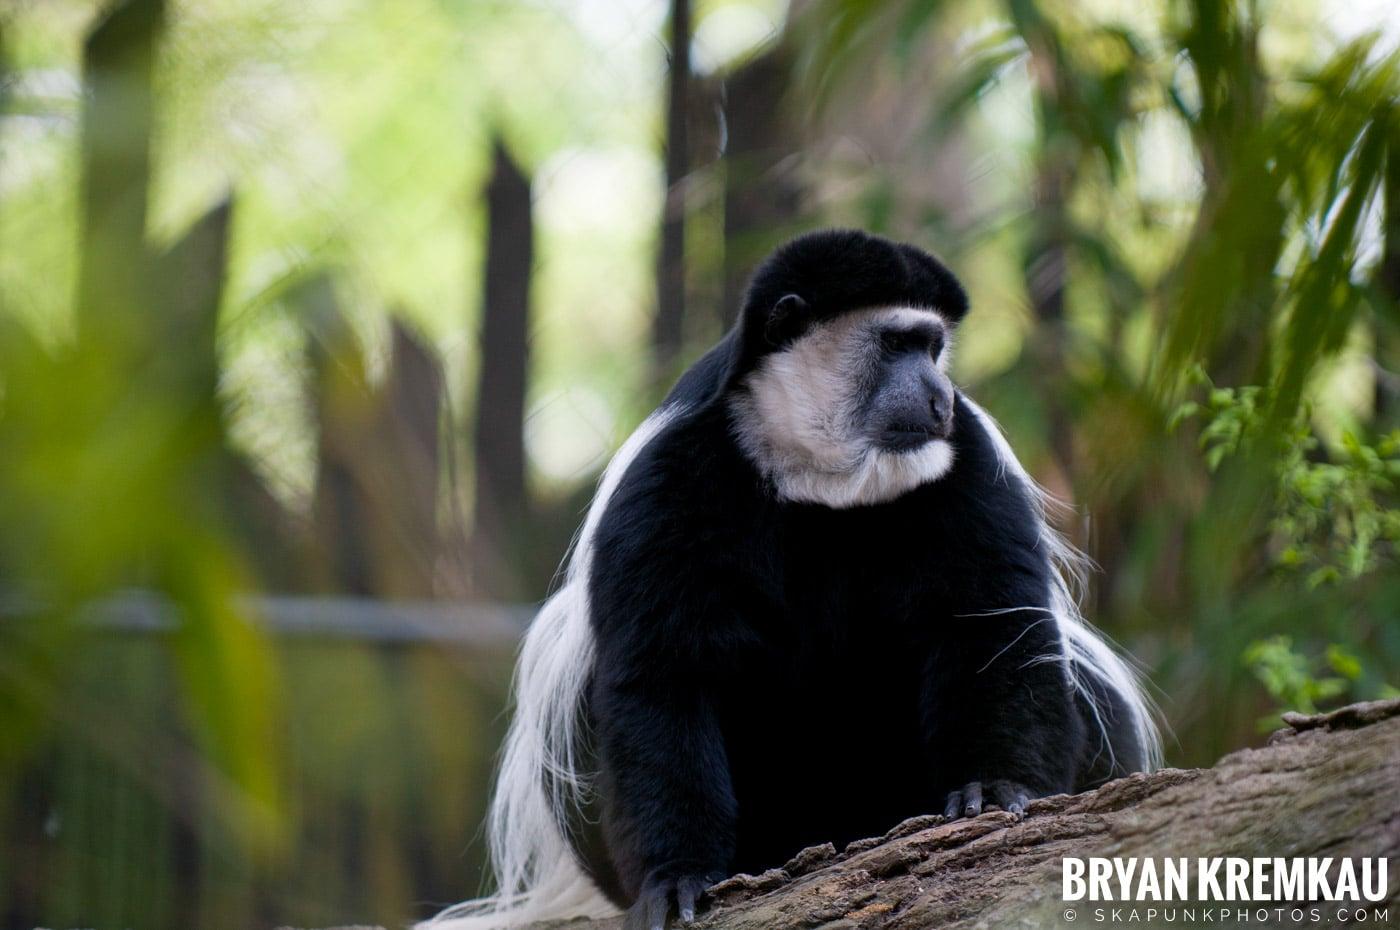 The Bronx Zoo @ Bronx, NYC - 5.7.11 (40)